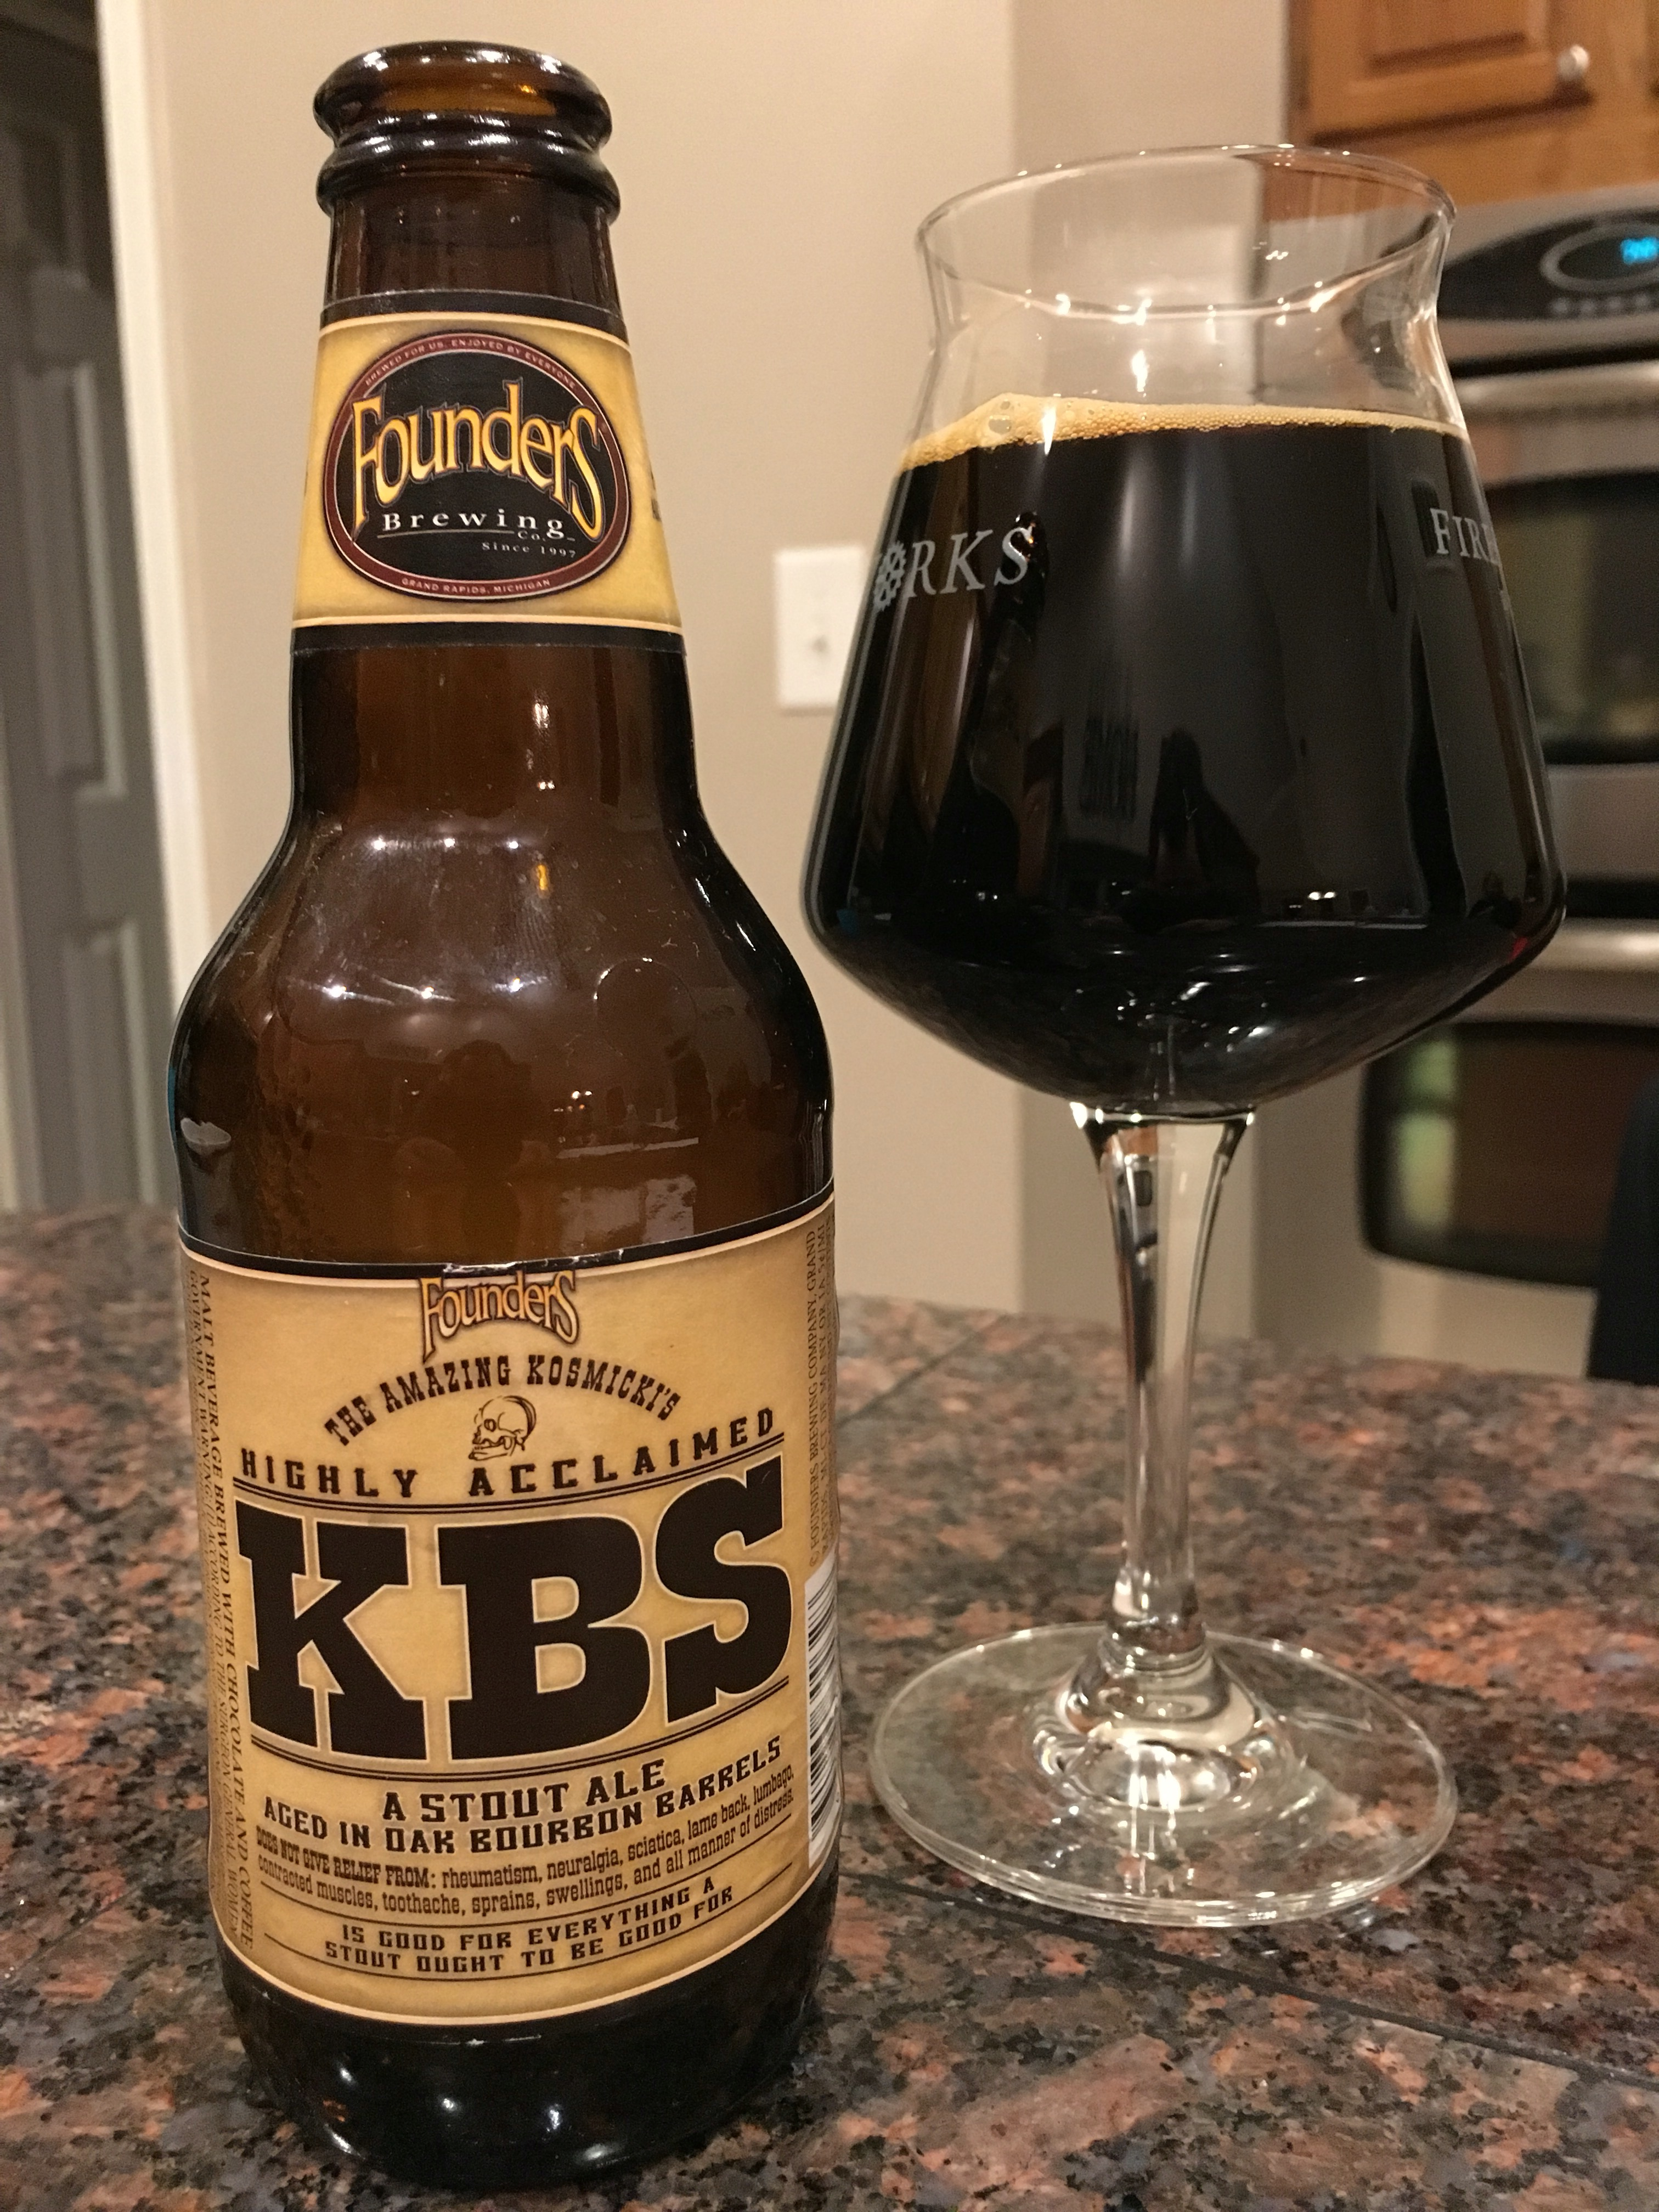 800. Founders Brewing - Kentucky Breakfast Stout 2009 KBS